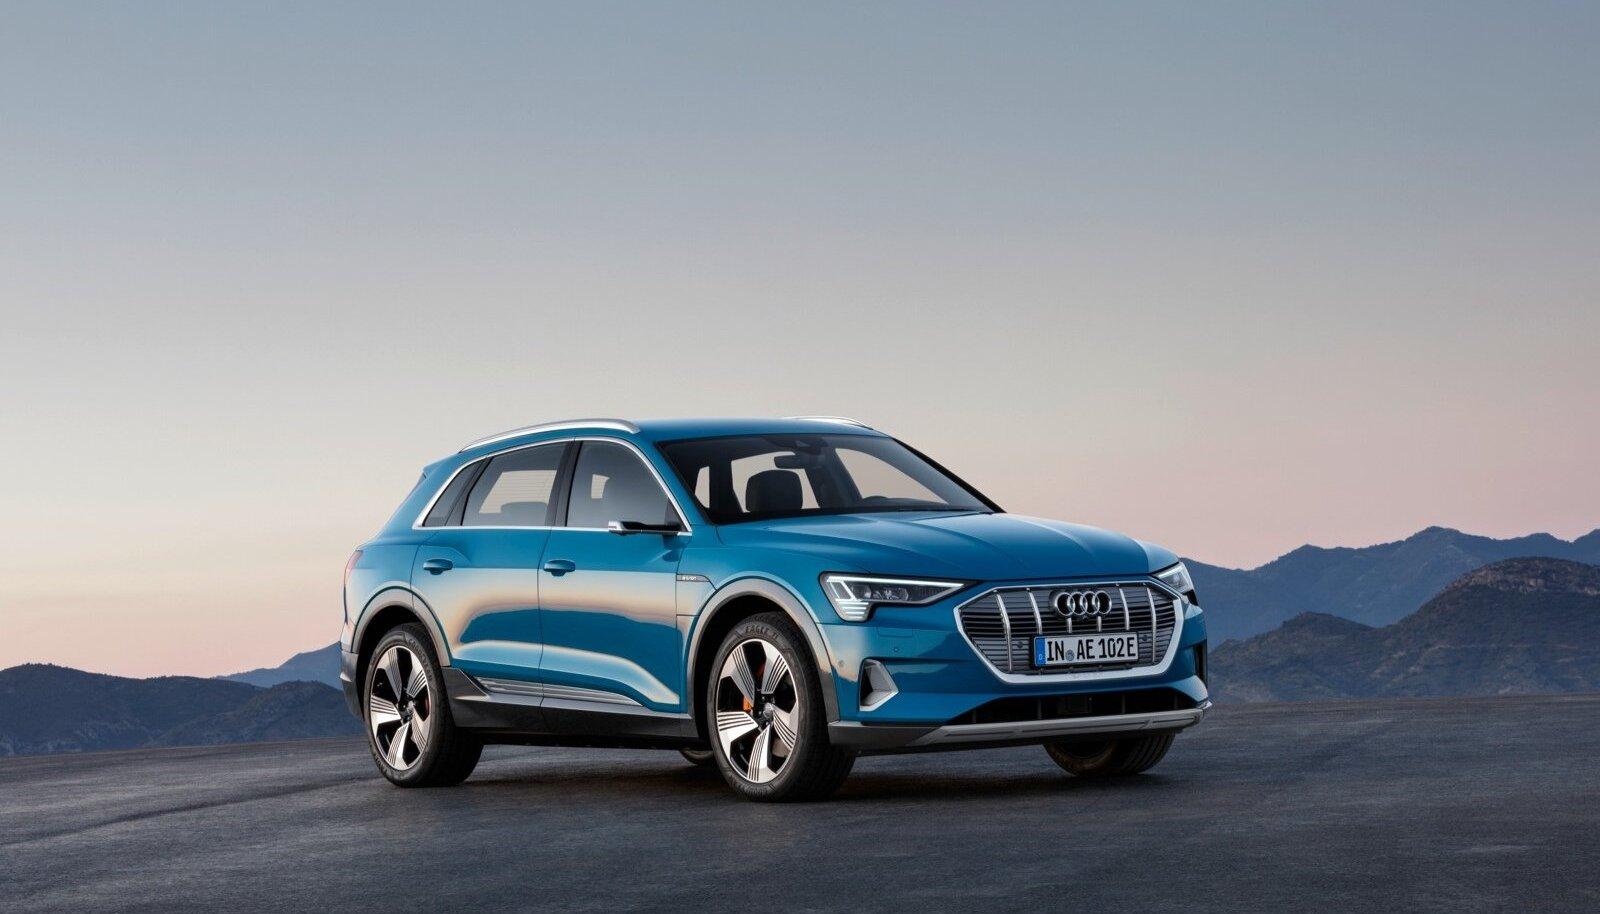 Audi esimene elektriauto e-tron 55 quattro ei esinda teistele särtsusõidukitele omast veidrat disainikeelt, vaid näeb välja nagu iga teine auto. Muudki omadused on võrreldavad Audi mis tahes tippmudeliga, millele lisandub tänu kahele elektrimootorile nelikvedu. Eestis liigeldes võib arvestada umbes 350–380-kilomeetrise sõiduulatusega.